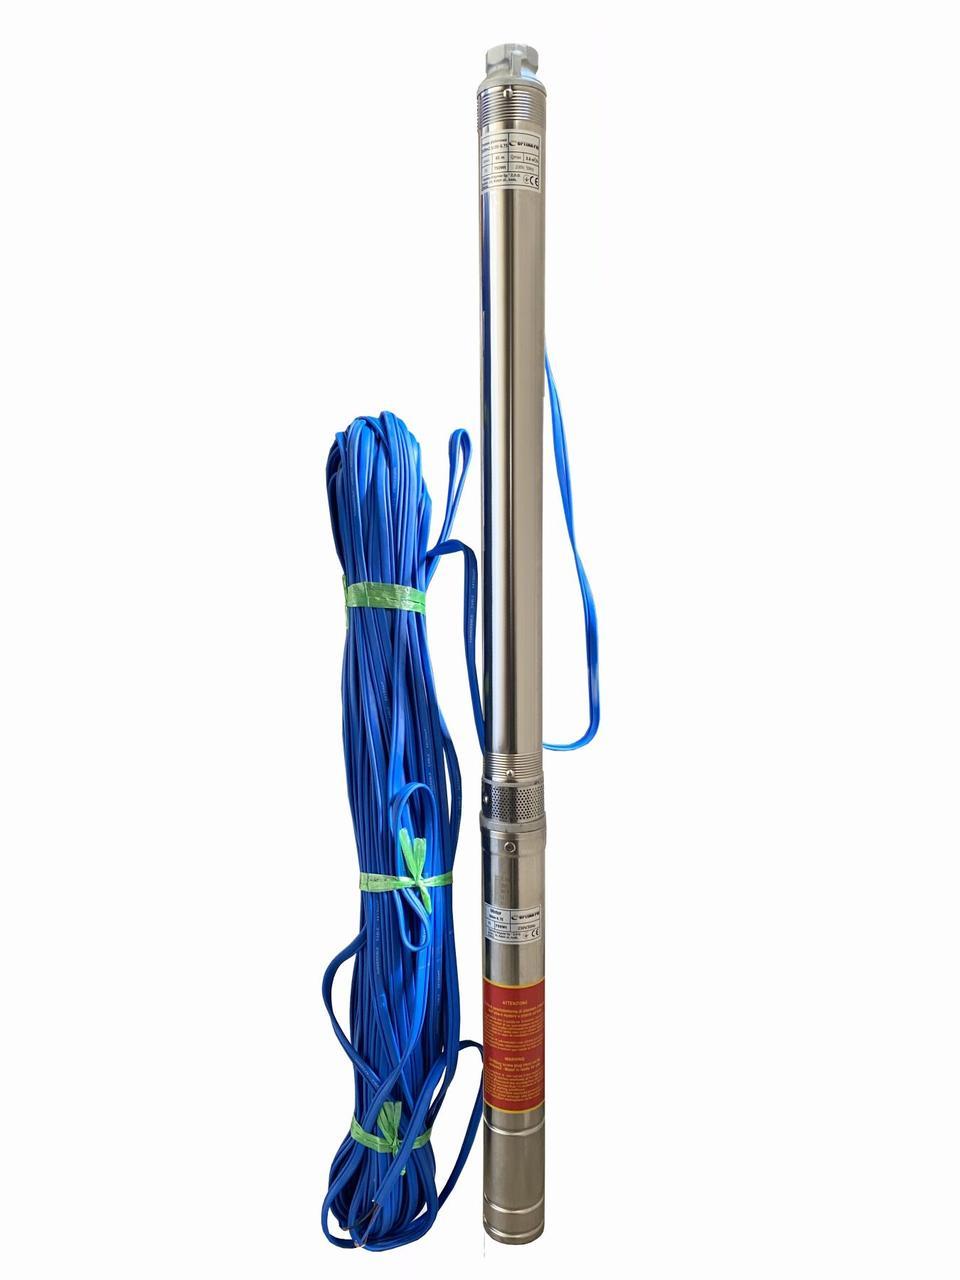 Насос скважинный центробежный Optima PM 3SDm2.5/20 0,75 кВт 90 м + 70 м кабель